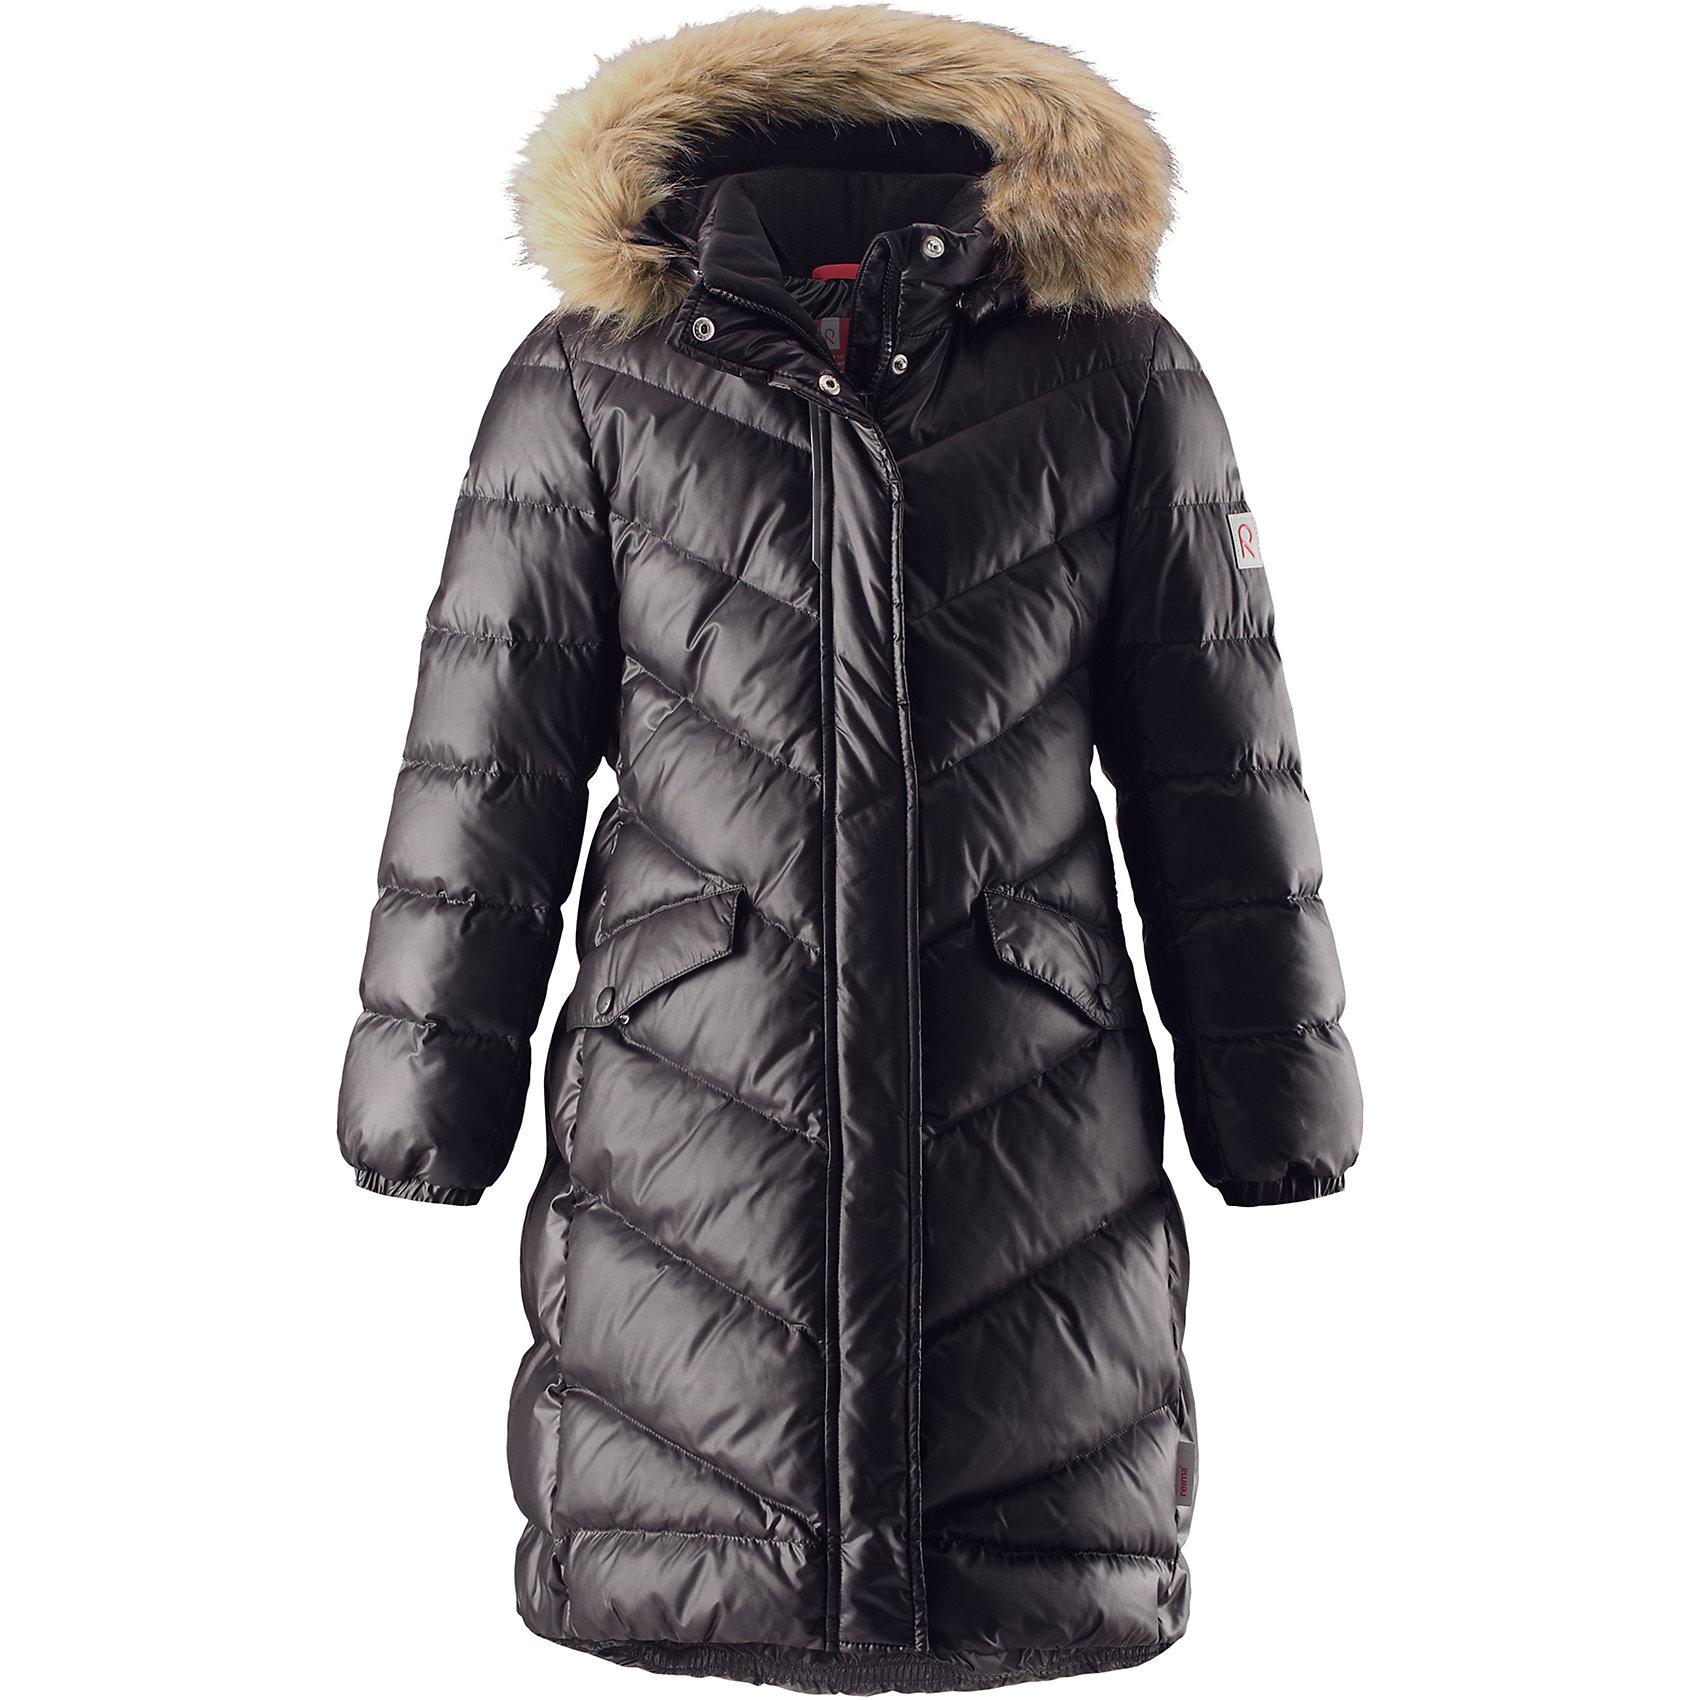 Куртка Reimatec® Reima Satu для девочкиВерхняя одежда<br>Характеристики товара:<br><br>• цвет: черный;<br>• состав: 100% полиэстер;<br>• подкладка: 100% полиэстер;<br>• утеплитель: 60% пух, 40% перо;<br>• сезон: зима;<br>• температурный режим: от 0 до -30С;<br>• водонепроницаемость: 15000 мм;<br>• воздухопроницаемость: 7000 мм;<br>• износостойкость: 40000 циклов (тест Мартиндейла);<br>• водо- и ветронепроницаемый, дышащий и грязеотталкивающий материал;<br>• все швы проклеены и водонепроницаемы;<br>• застежка: молния с защитой подбородка;<br>• гладкая подкладка из полиэстера;<br>• безопасный съемный капюшон;<br>• съемный искусственный мех на капюшоне;<br>• эластичные манжеты;<br>• эластичная талия и подол;<br>• удлиненная модель;<br>• два кармана с кнопками;<br>• светоотражающие детали;<br>• страна бренда: Финляндия;<br>• страна изготовитель: Китай.<br><br>Превосходная, очень теплая зимняя куртка будет модно смотреться на прогулке по городу! У этой пуховой куртки для подростков очень красивый приталенный и удлиненный силуэт – специально для девочек. Куртка изготовлена из водоотталкивающего и дышащего, ветронепроницаемого материала, в ней вашей зимней принцессе будет тепло и уютно в морозный день. <br><br>Благодаря гладкому полиэстеру на подкладке, куртка легко надевается, а удобная двусторонняя молния превратит одевание в веселую игру. Эластичный поясок на спинке придает этой модной куртке красивый силуэт. Куртка снабжена безопасным съемным капюшоном со стильной съемной отделкой из искусственного меха. <br><br>Обратите внимание на удобную петельку, спрятанную в кармане с клапаном – к ней можно прикрепить любимый светоотражатель ребенка для обеспечения безопасности и лучшей видимости.<br><br>Куртку Satu для девочки Reimatec® Reima от финского бренда Reima (Рейма) можно купить в нашем интернет-магазине.<br><br>Ширина мм: 356<br>Глубина мм: 10<br>Высота мм: 245<br>Вес г: 519<br>Цвет: черный<br>Возраст от месяцев: 156<br>Возраст до месяцев: 168<br>Пол: Женский<br>Возраст